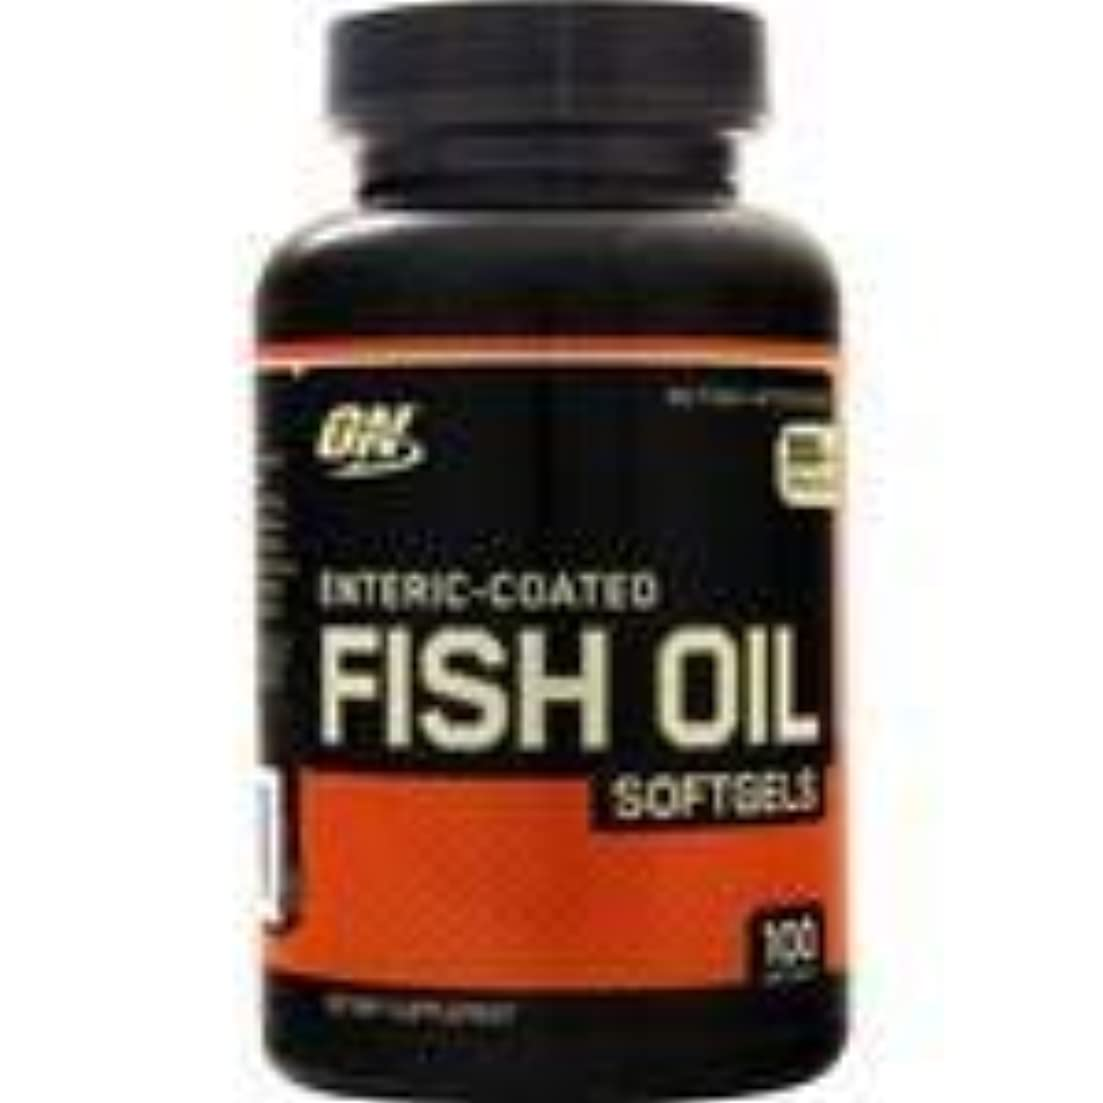 学習有効な忌まわしい腸溶性コーティング 魚油 100 sgels   3個パック